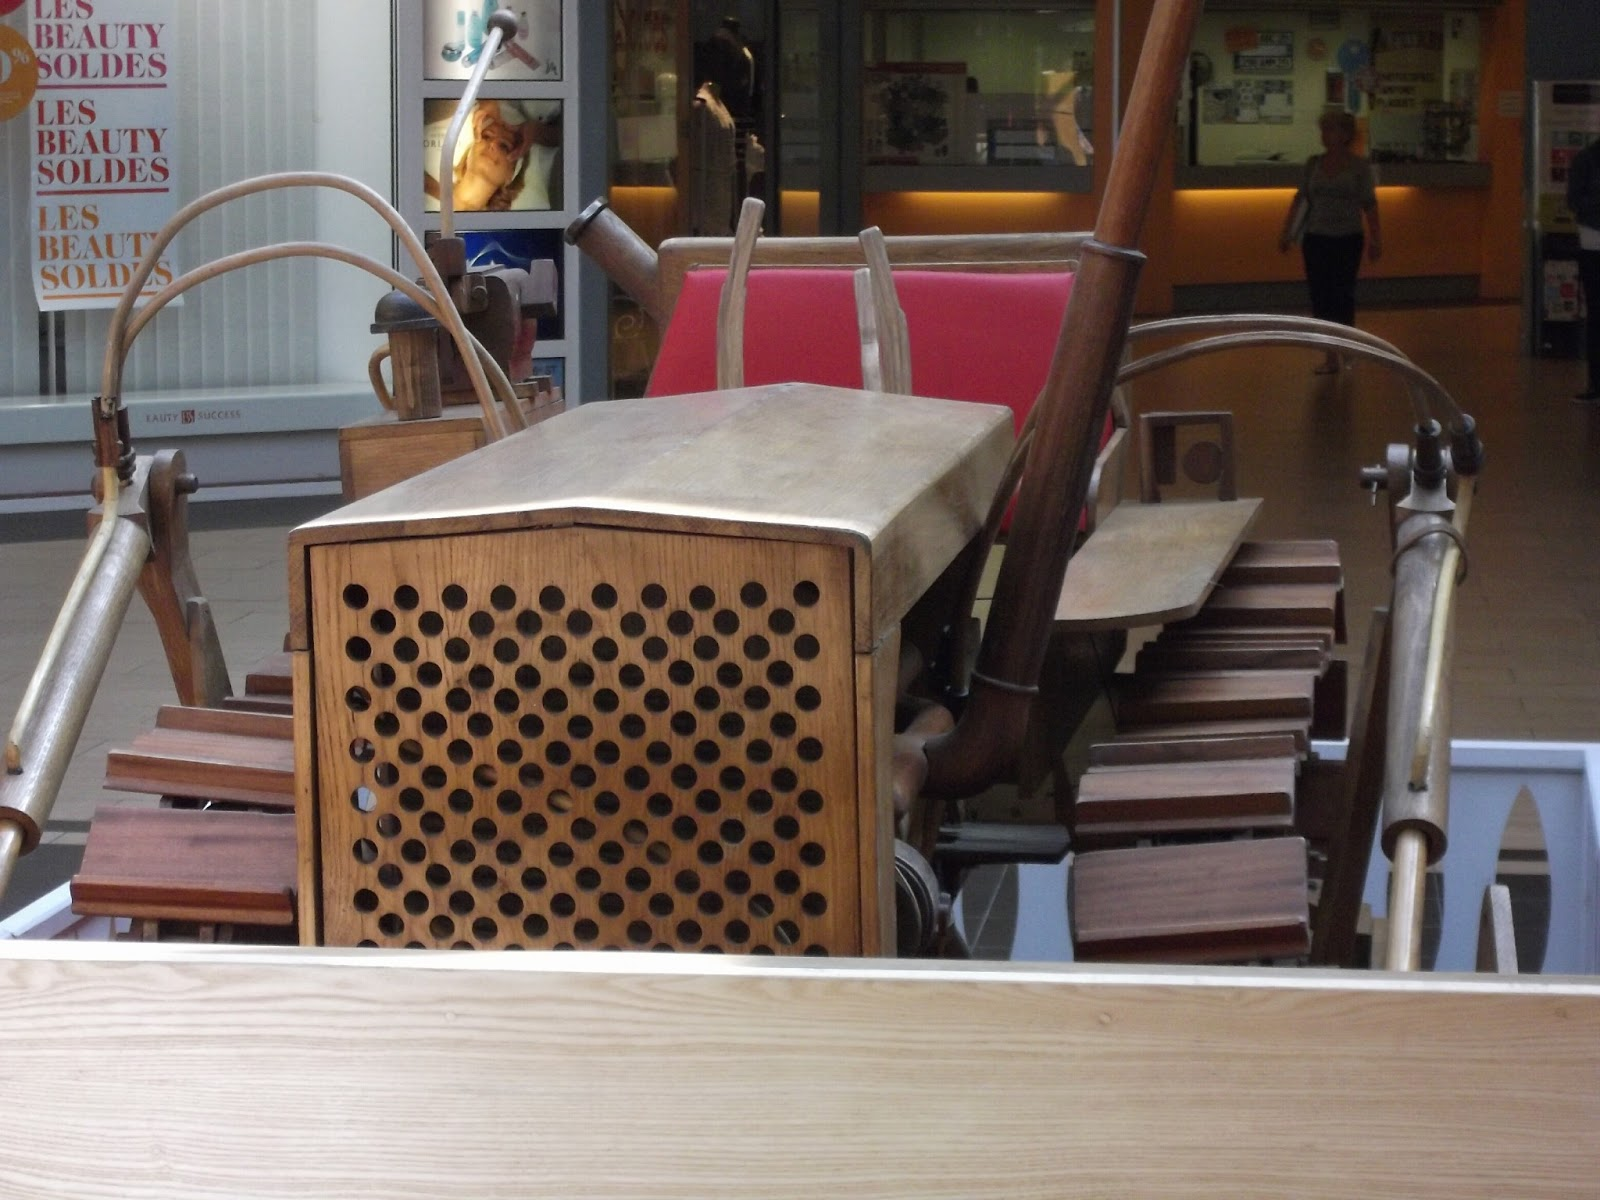 expo de divers objets en bois au centre commercial le